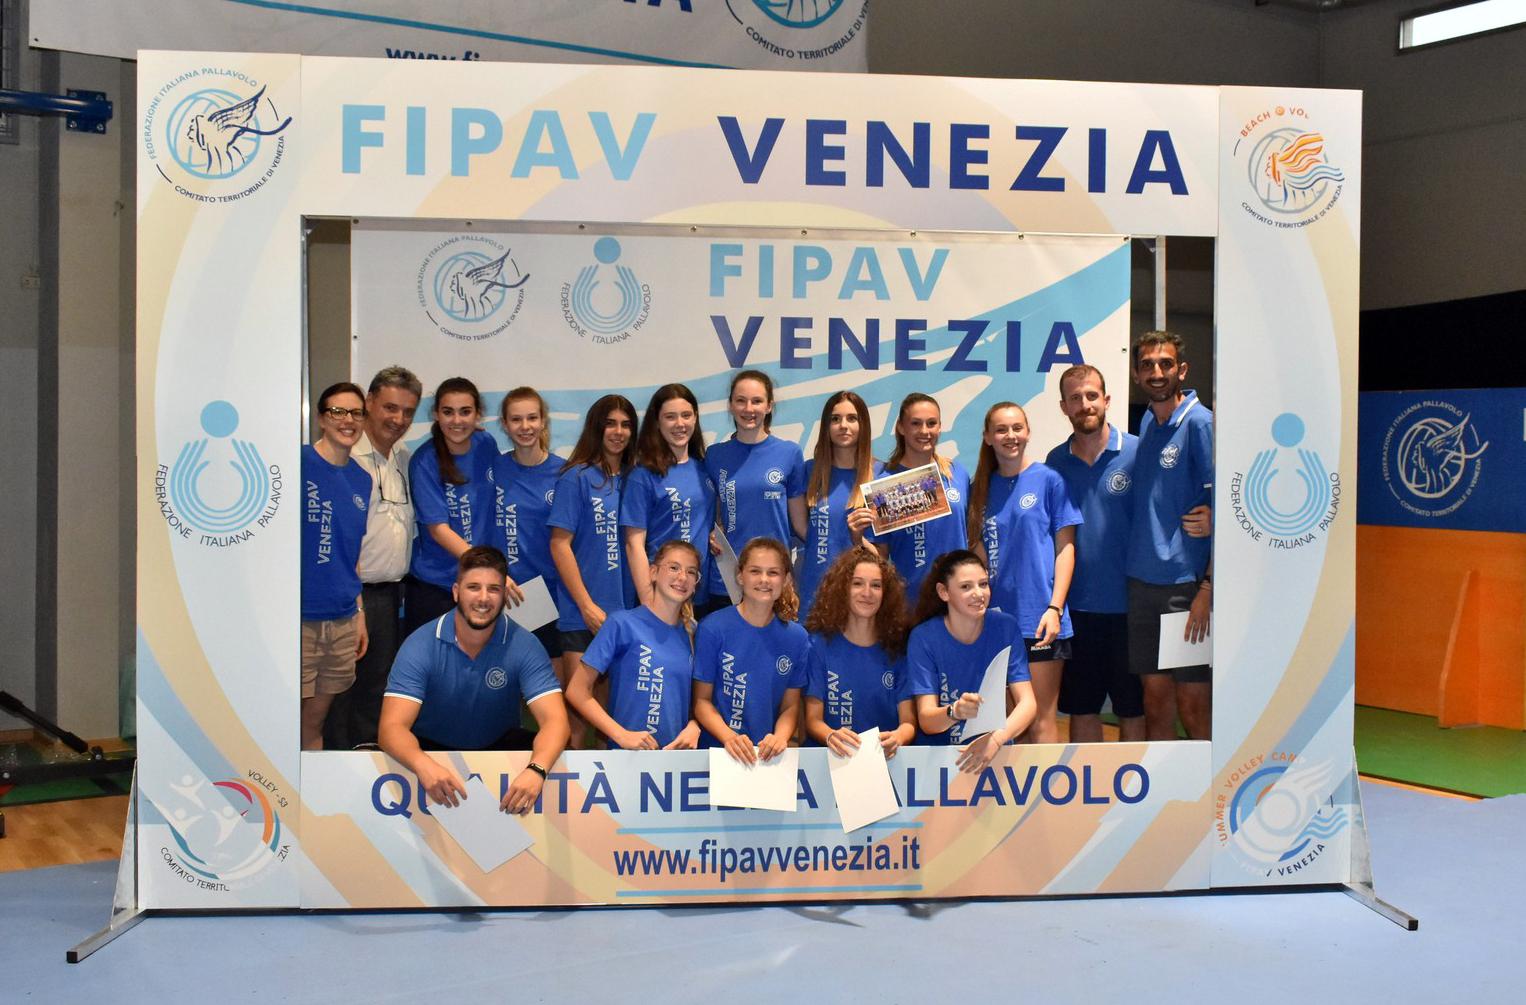 Fipav Veneto Calendario.Fipav Venezia La Qualita Nella Pallavolo